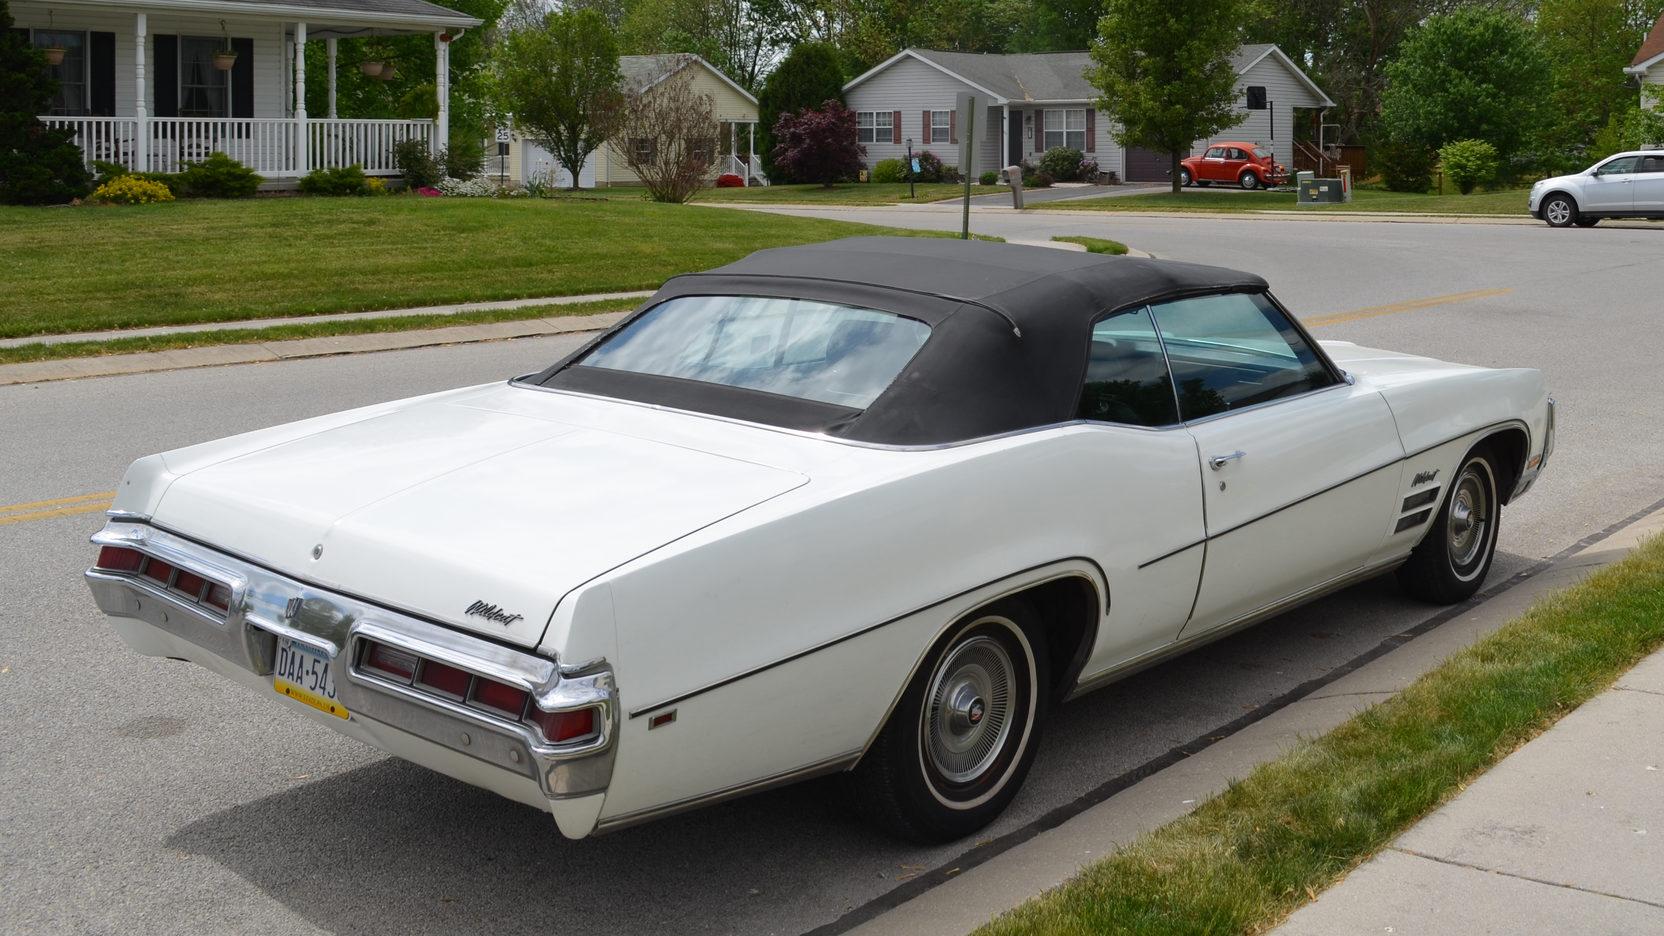 1970 Buick Wildcat top up 3/4 rear